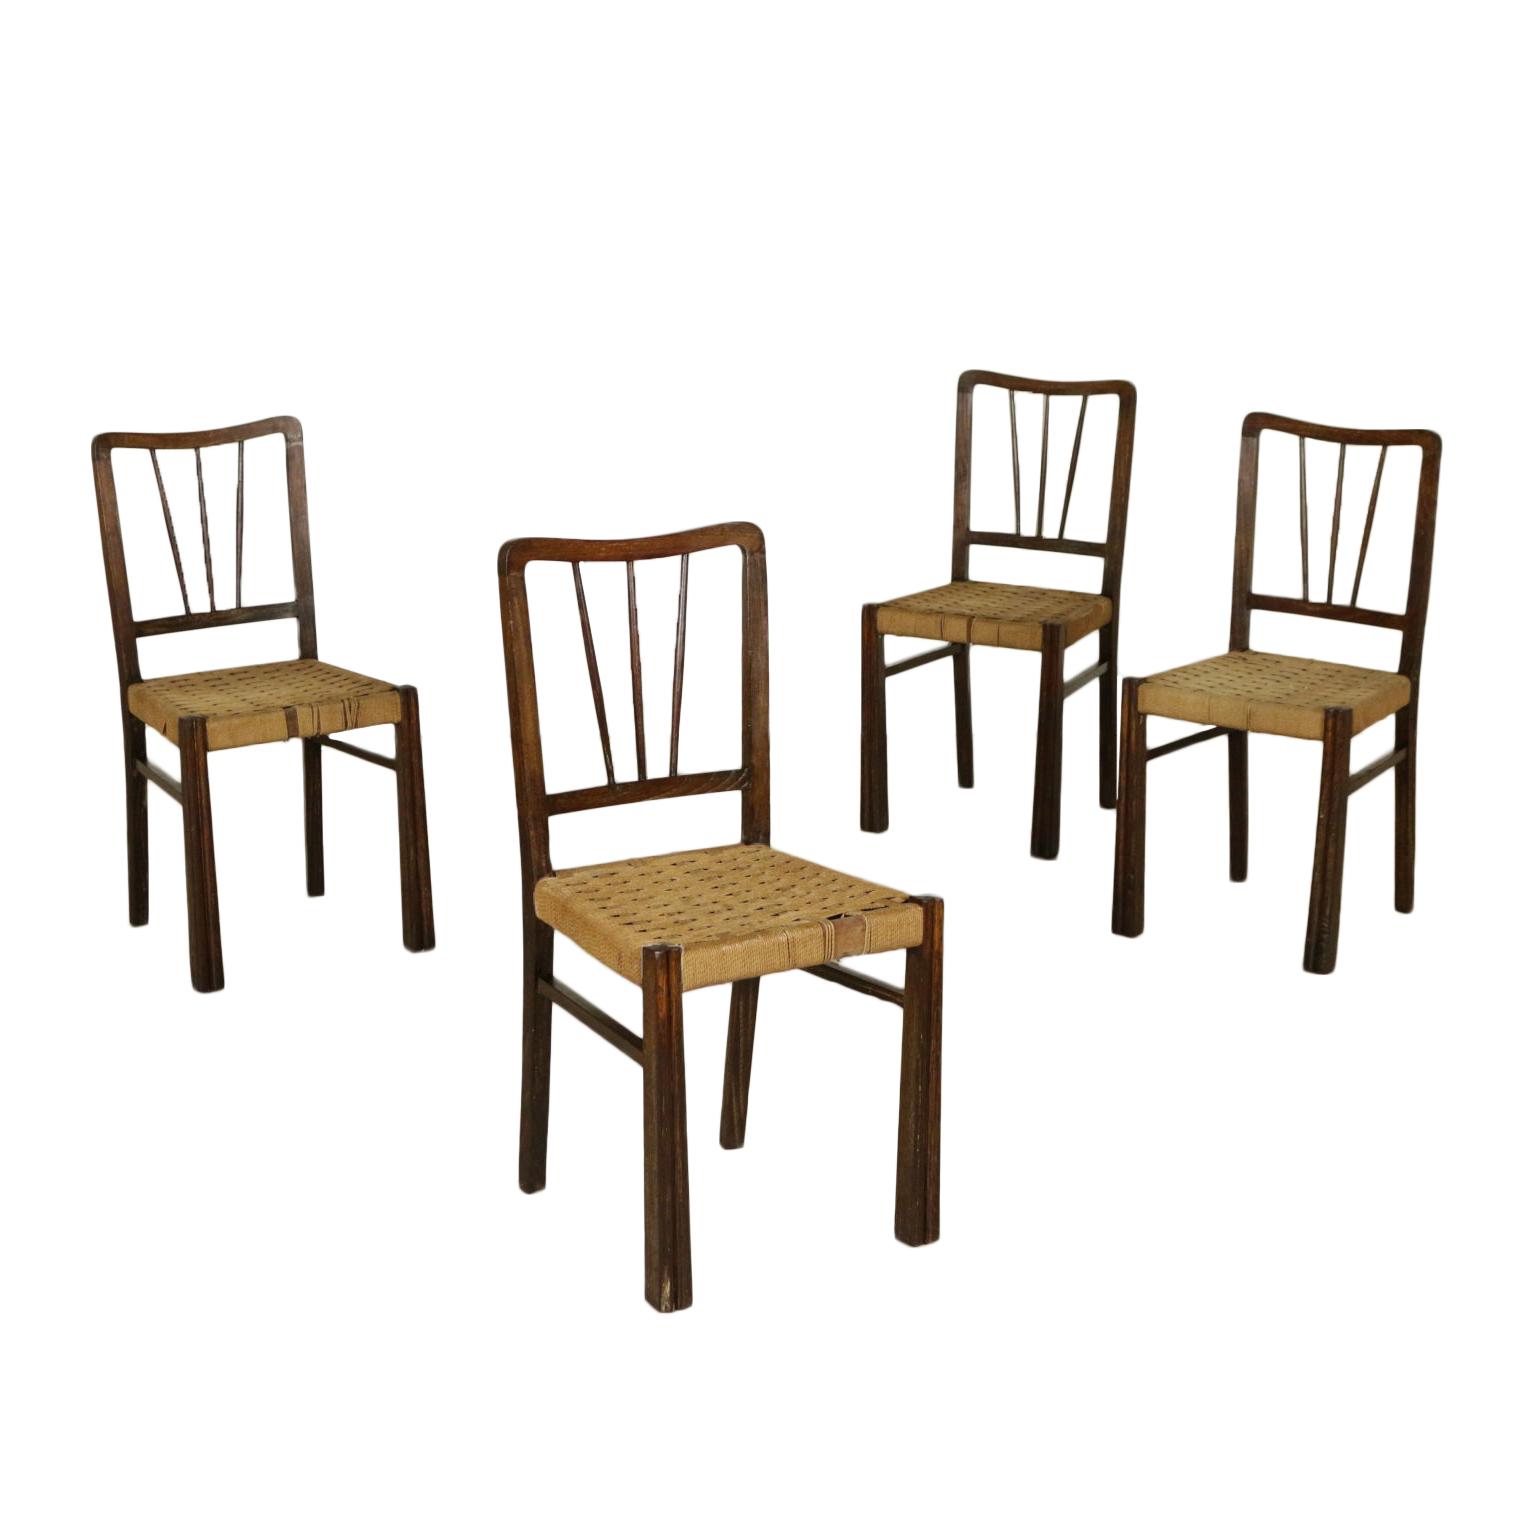 Gruppo quattro sedie rovere corda intrecciata modernariato - Sedie design anni 50 ...